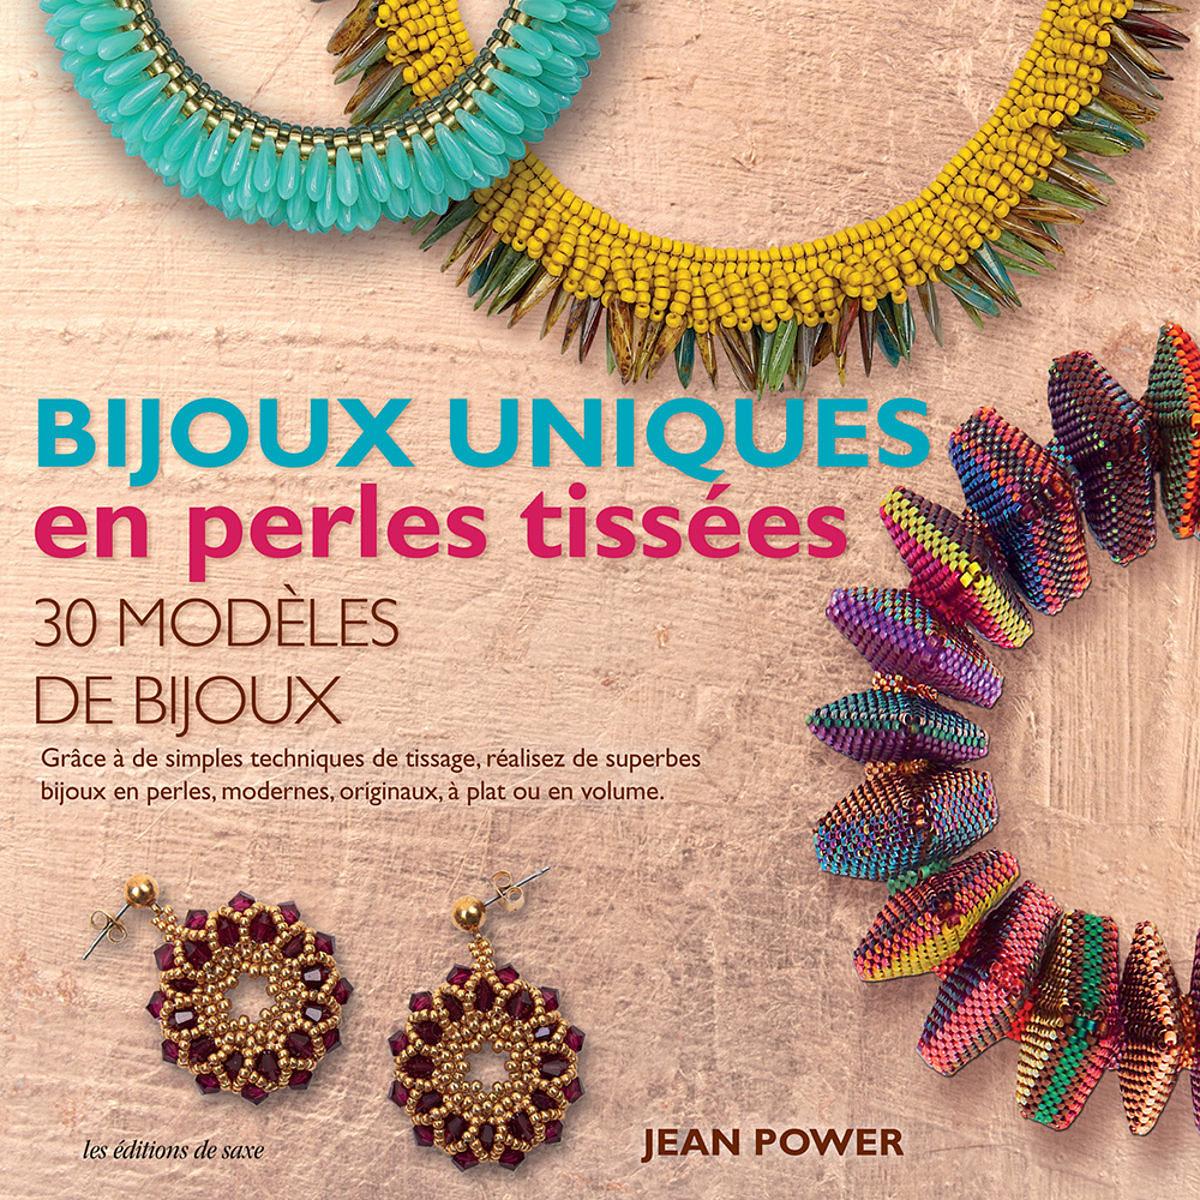 Bijoux uniques perles tissées